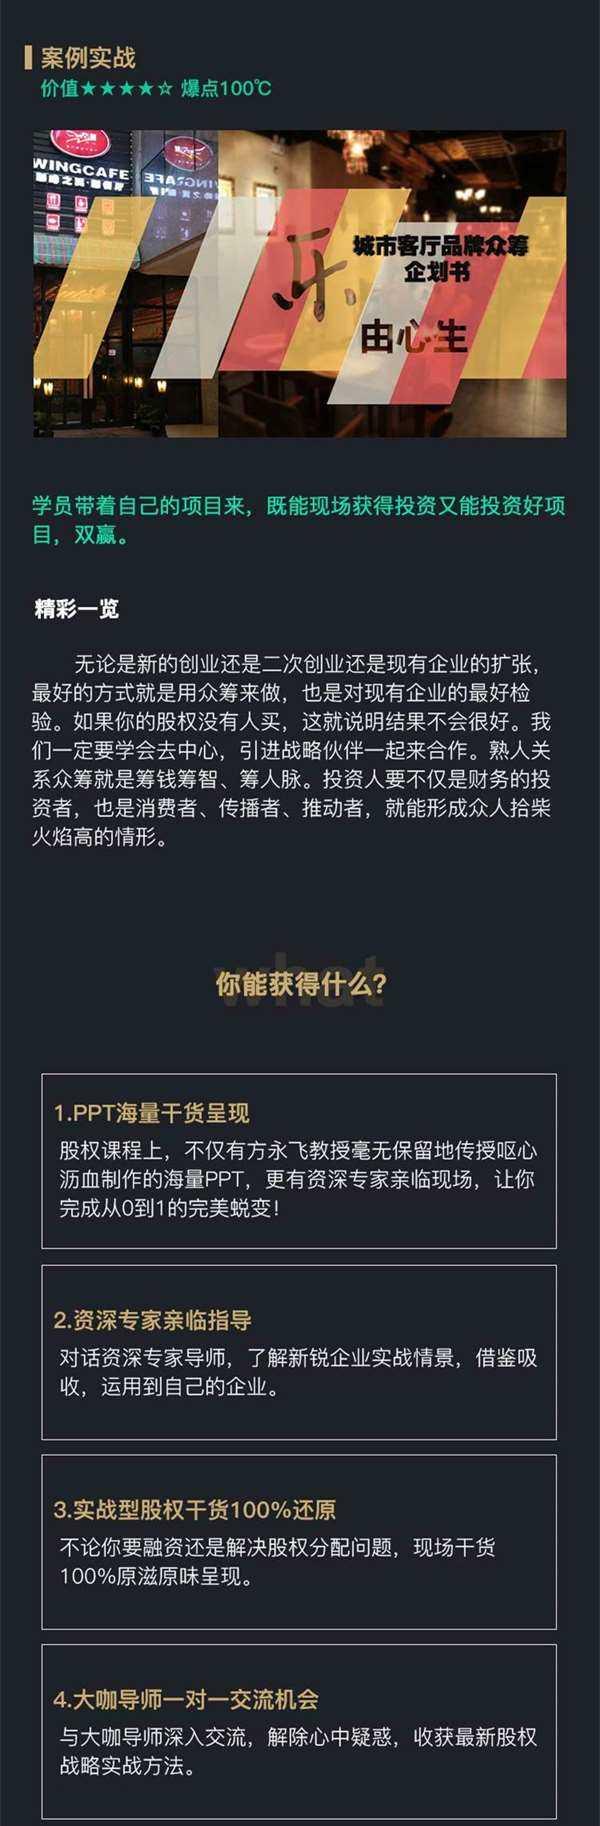 股权课宣传图_3.jpg